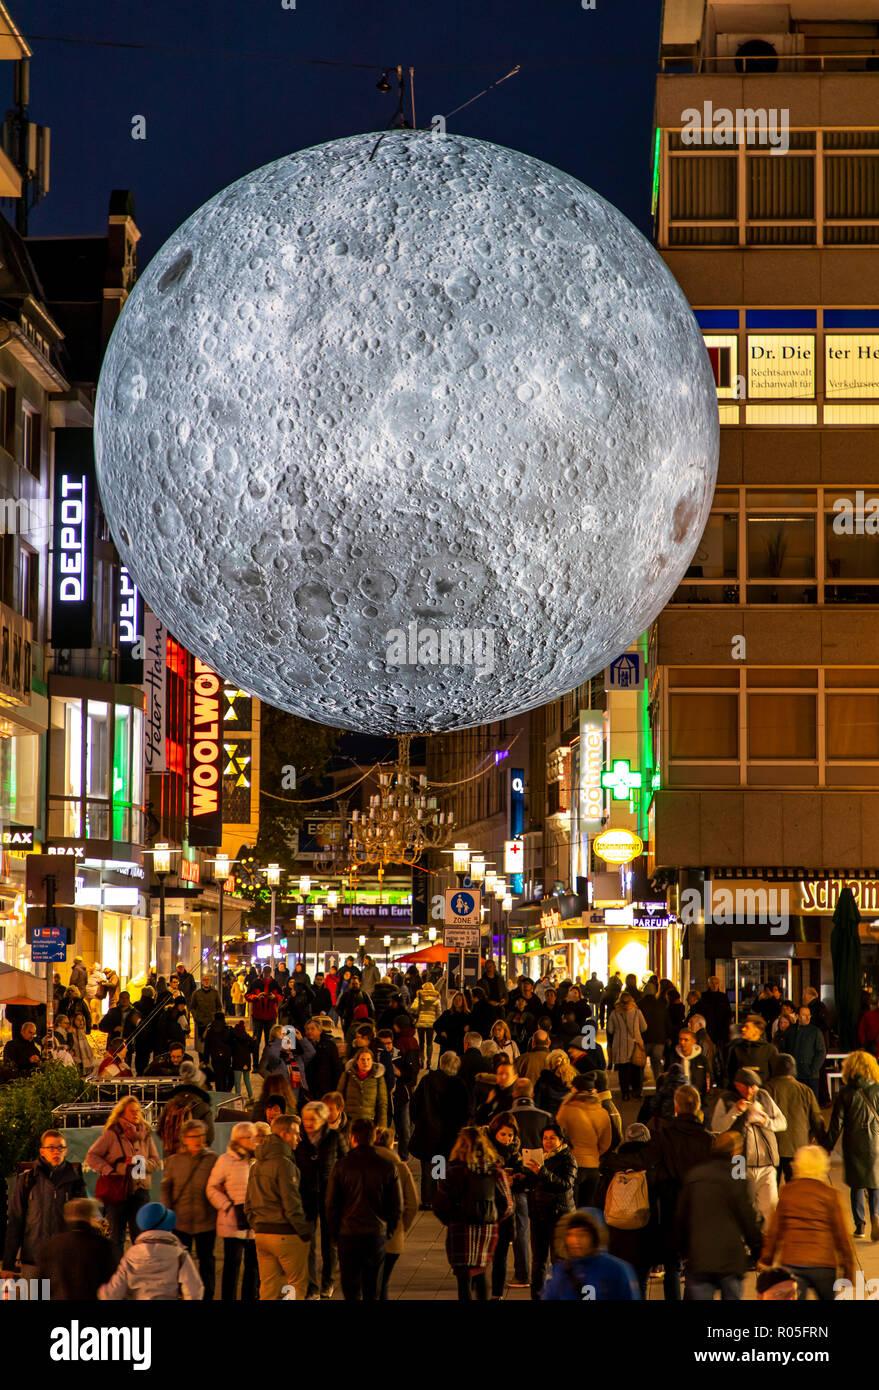 Essen Light Festival, Lichtkunst Installationen in der Innenstadt von Essen, Museum of the Moon, gro§er leuchtender Mond aus NASA Fotos, Kettwiger Str - Stock Image